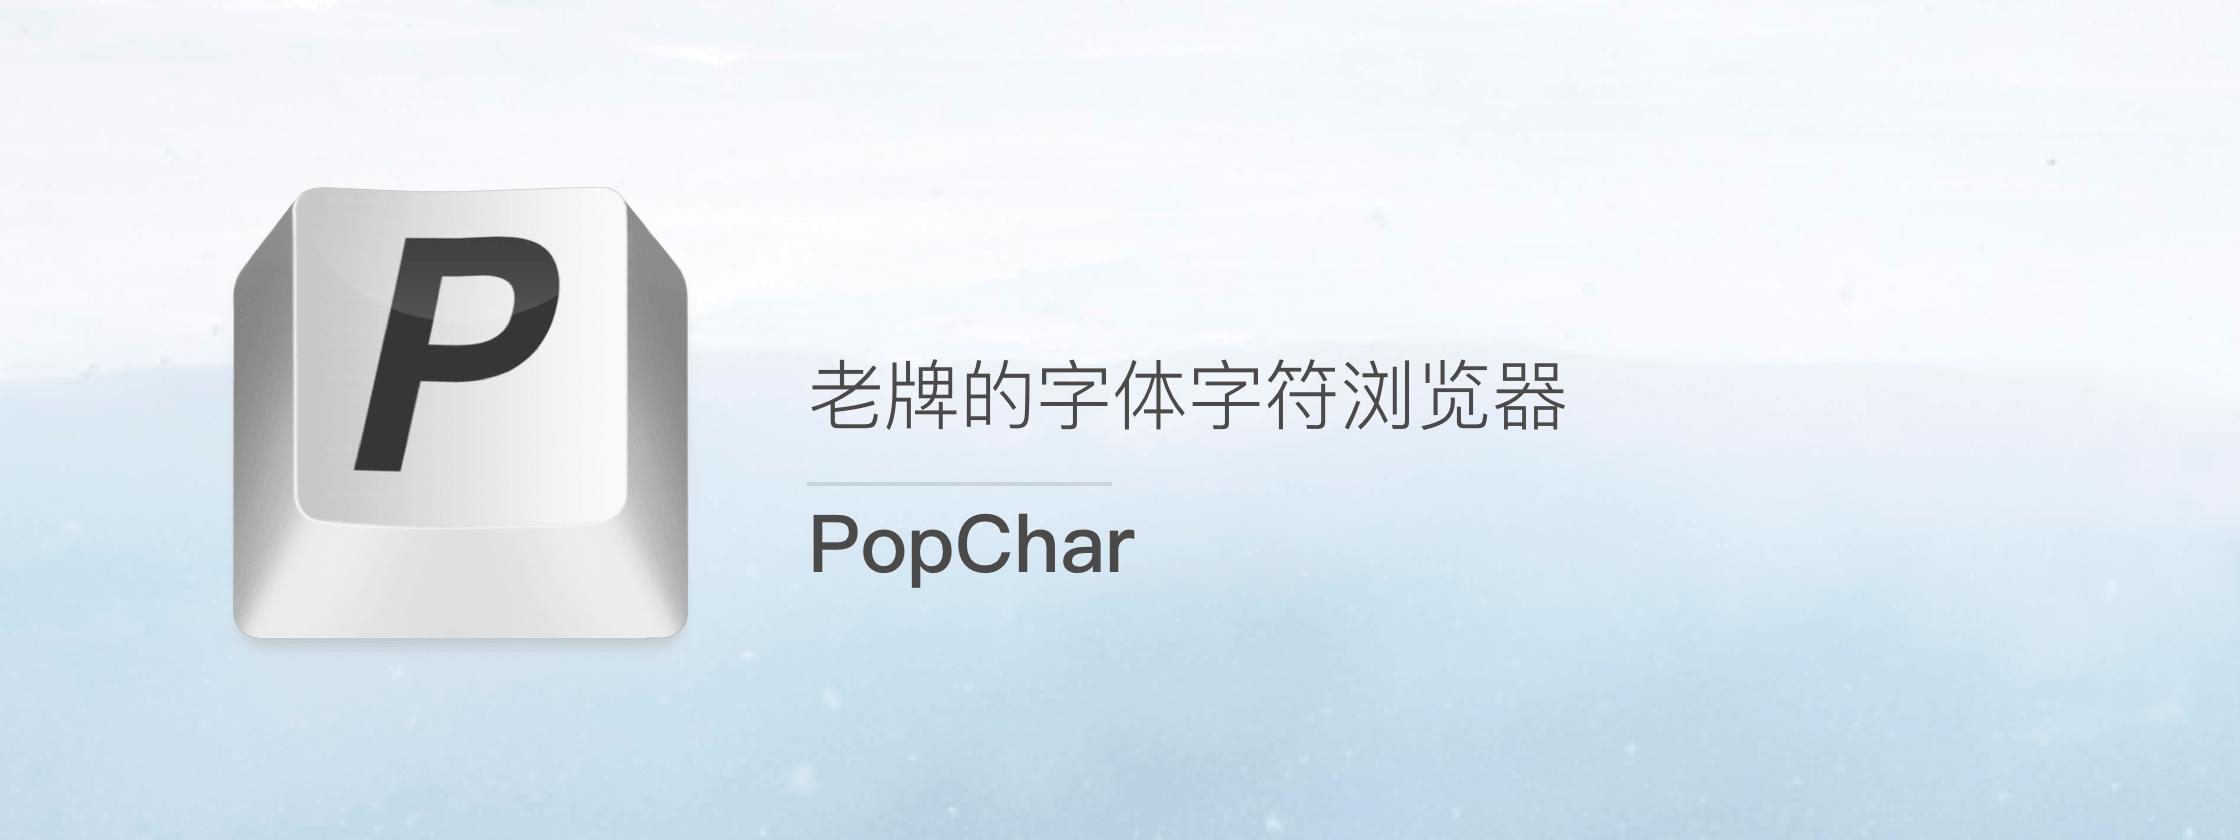 PopChar – 老牌的字体字符浏览器